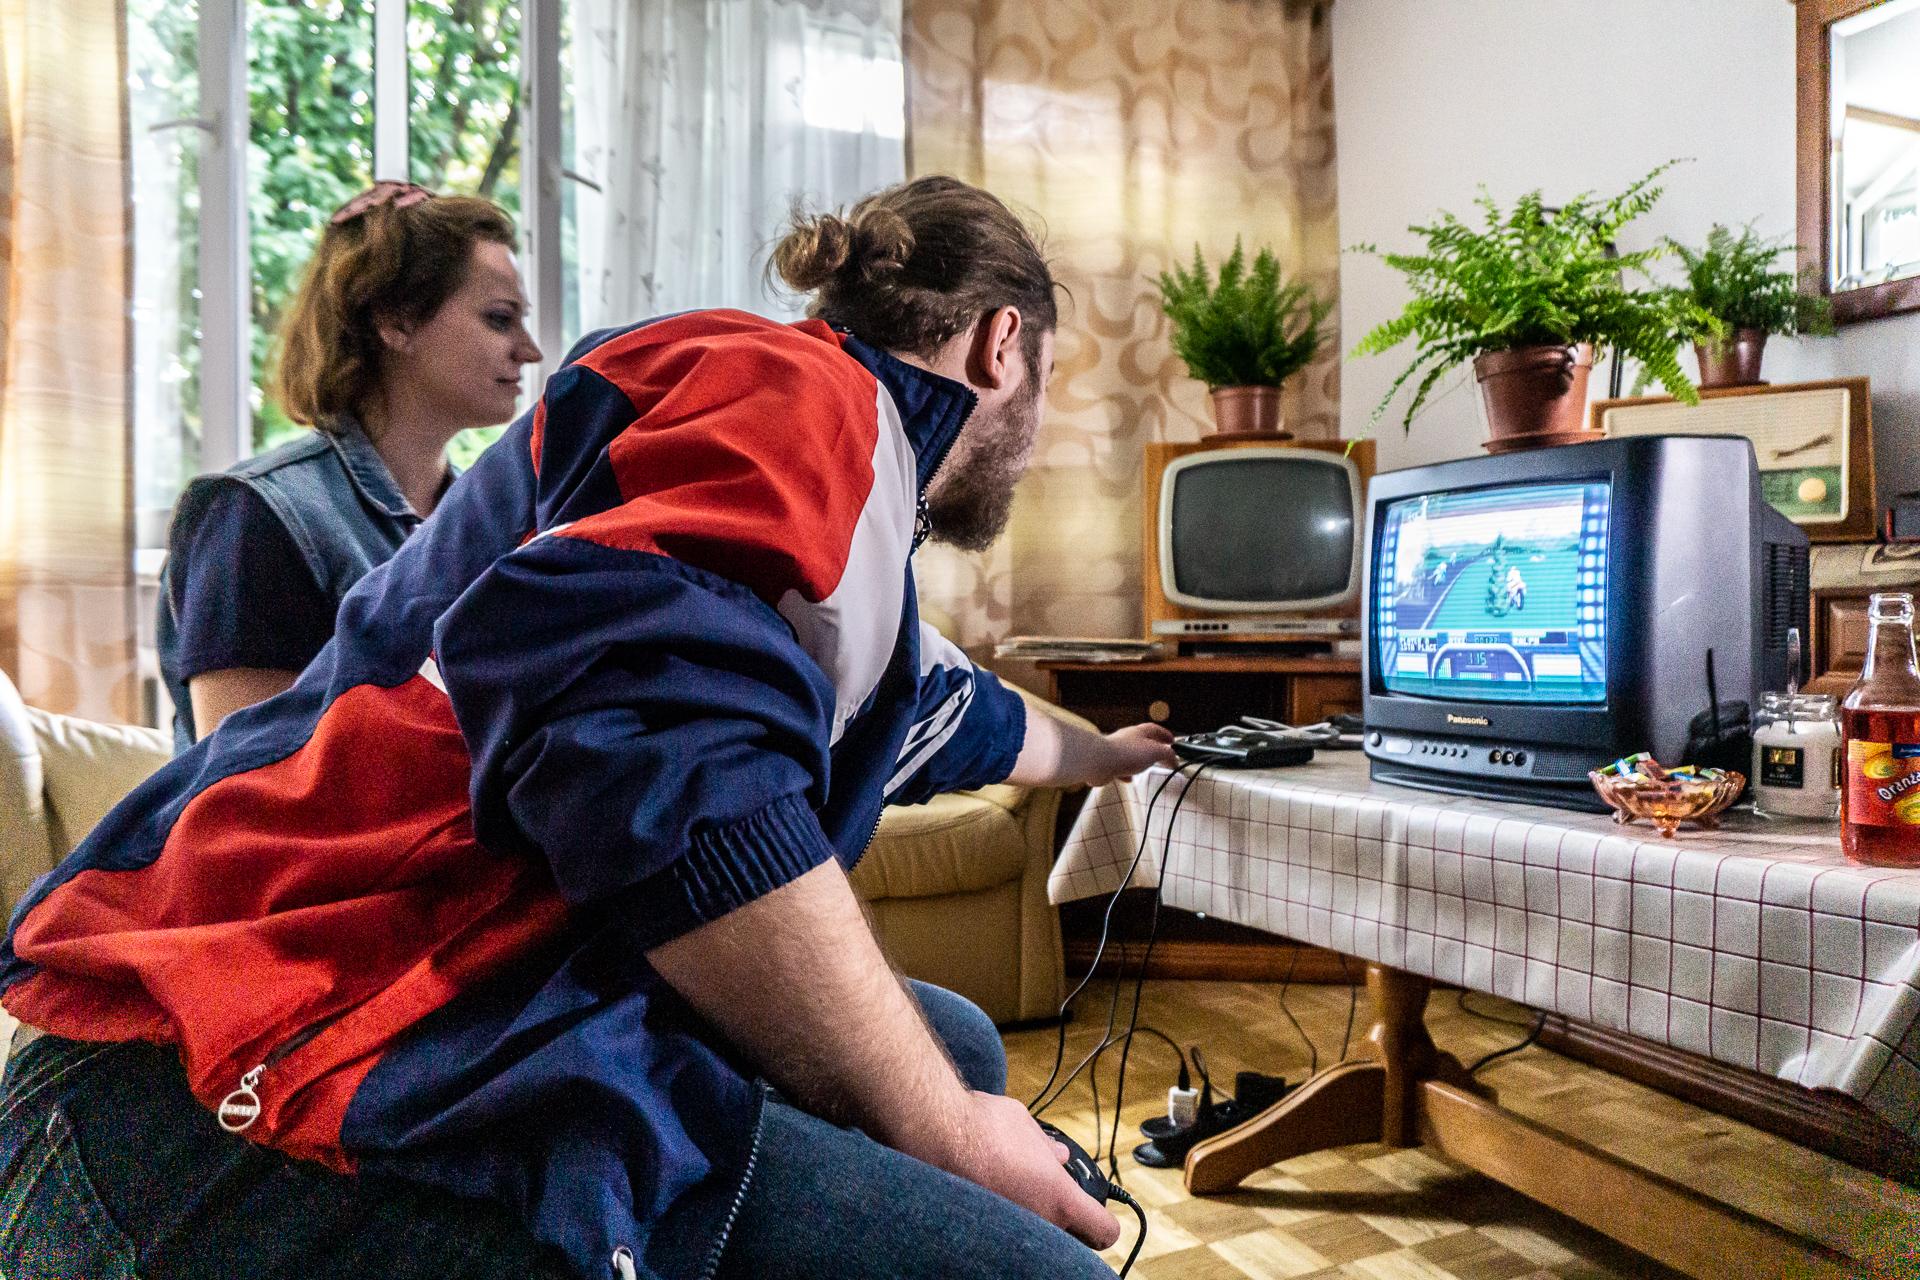 SEGA Mega Drive Mini kontsolaren proba - 90eko hamarkadako plataforma retro berriaren pros eta kontra handienak